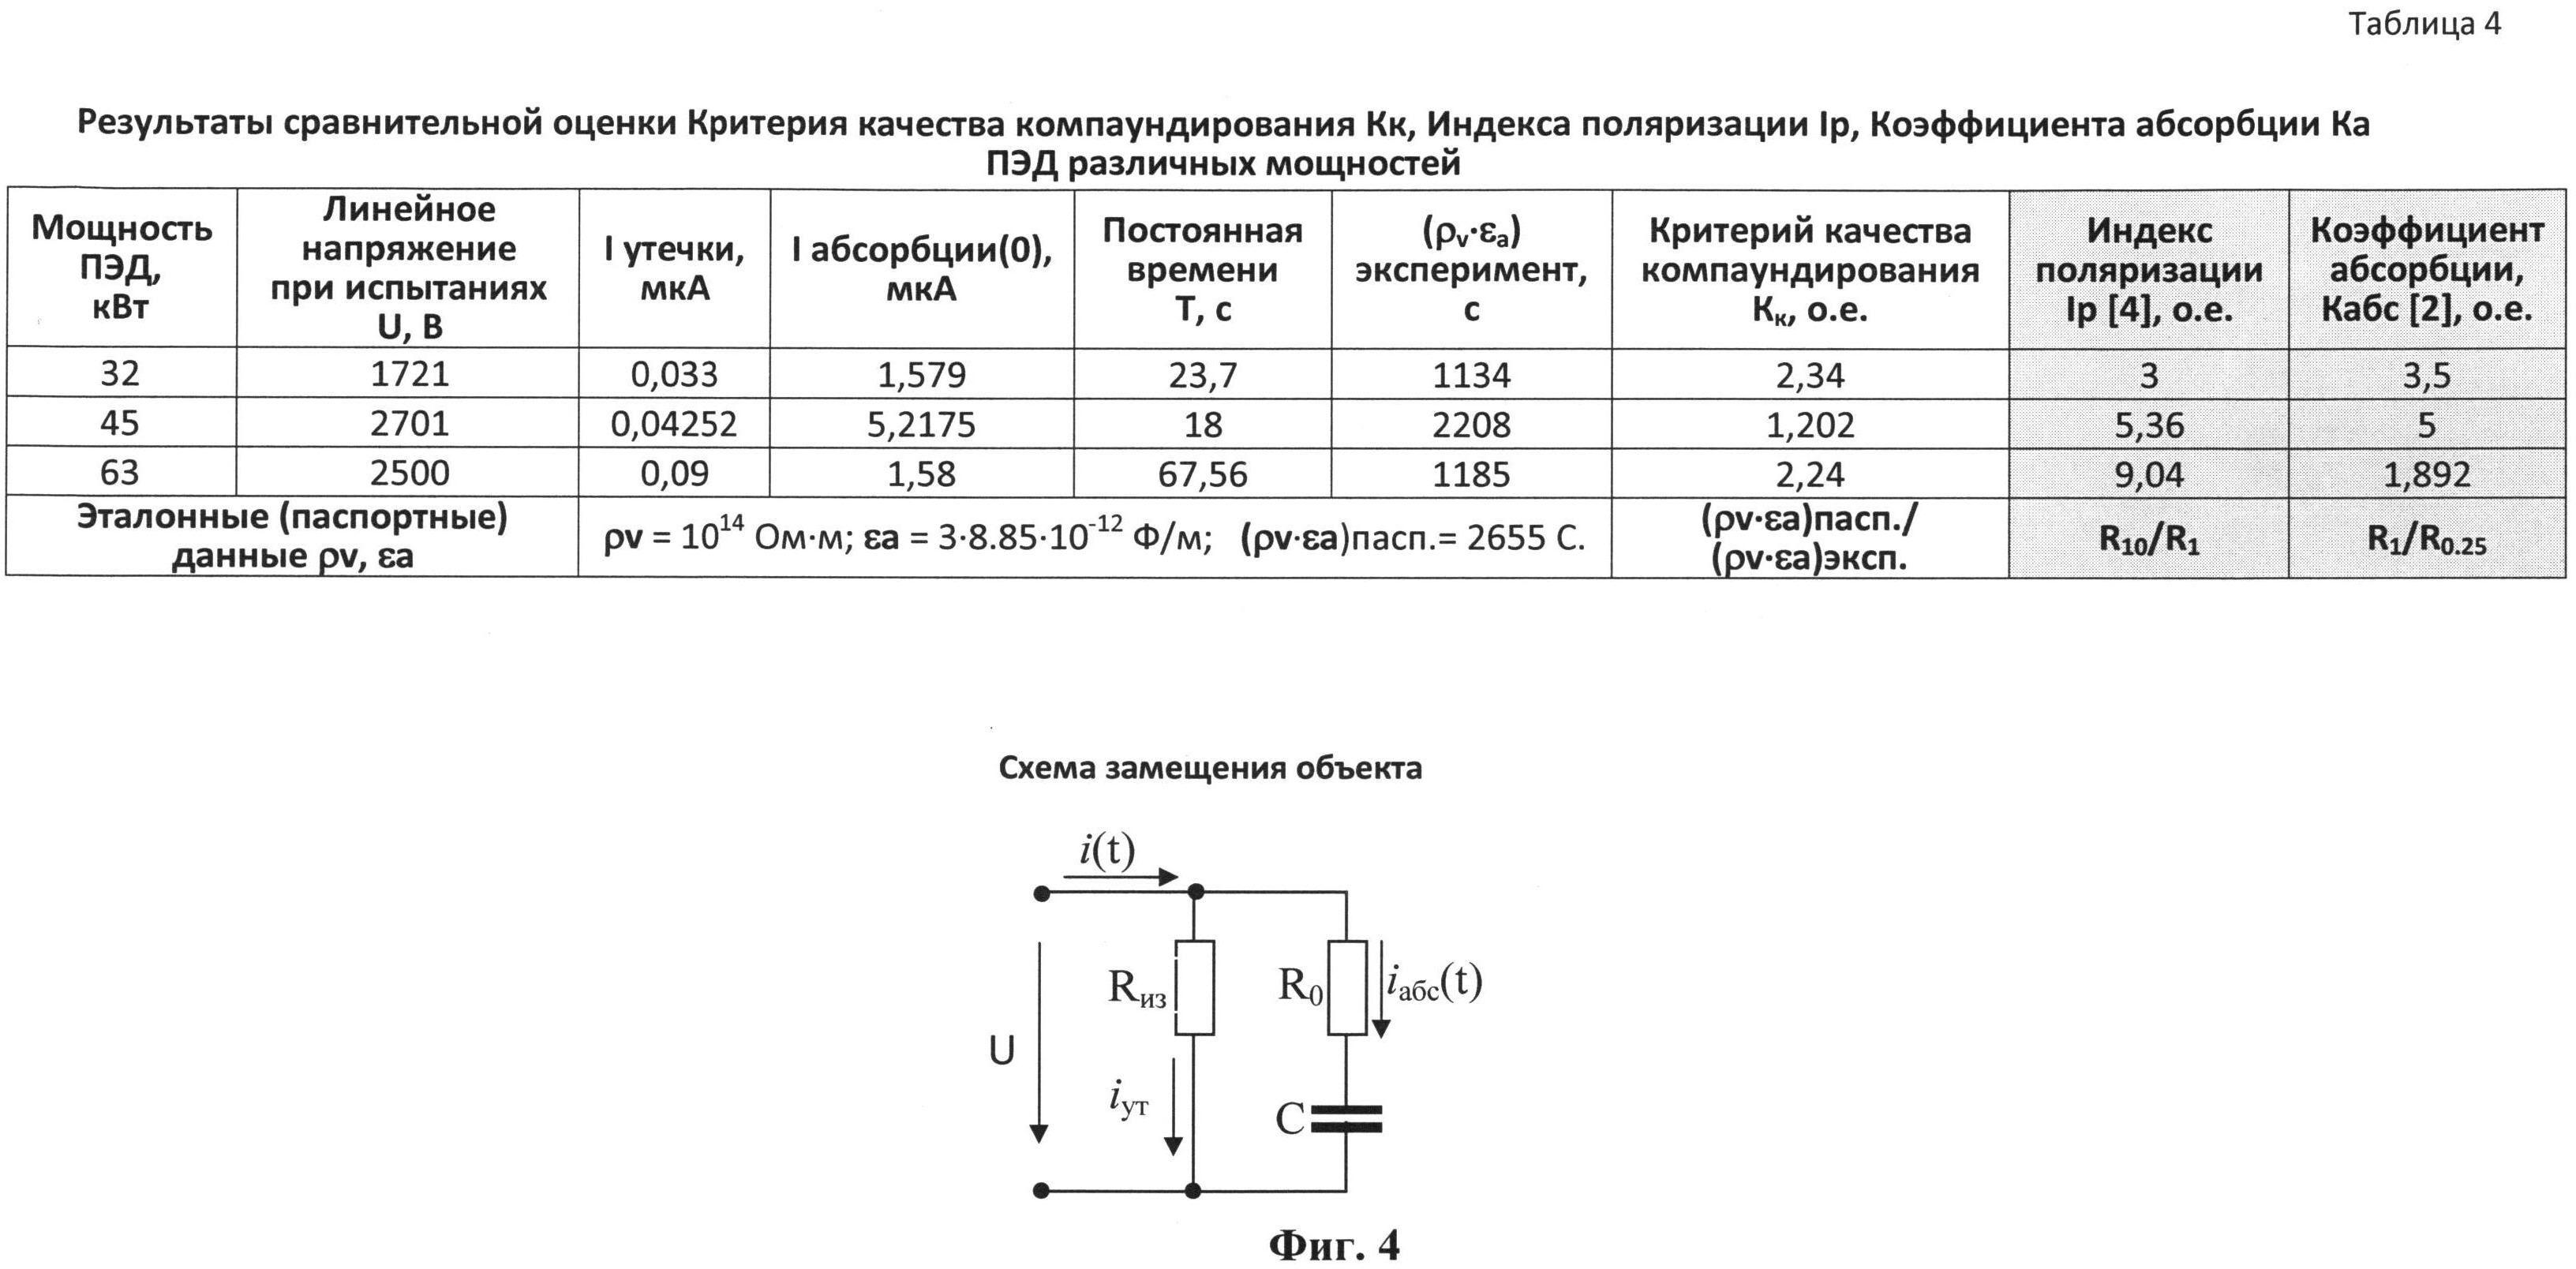 Способ определения качества компаундирования обмоток электрических машин